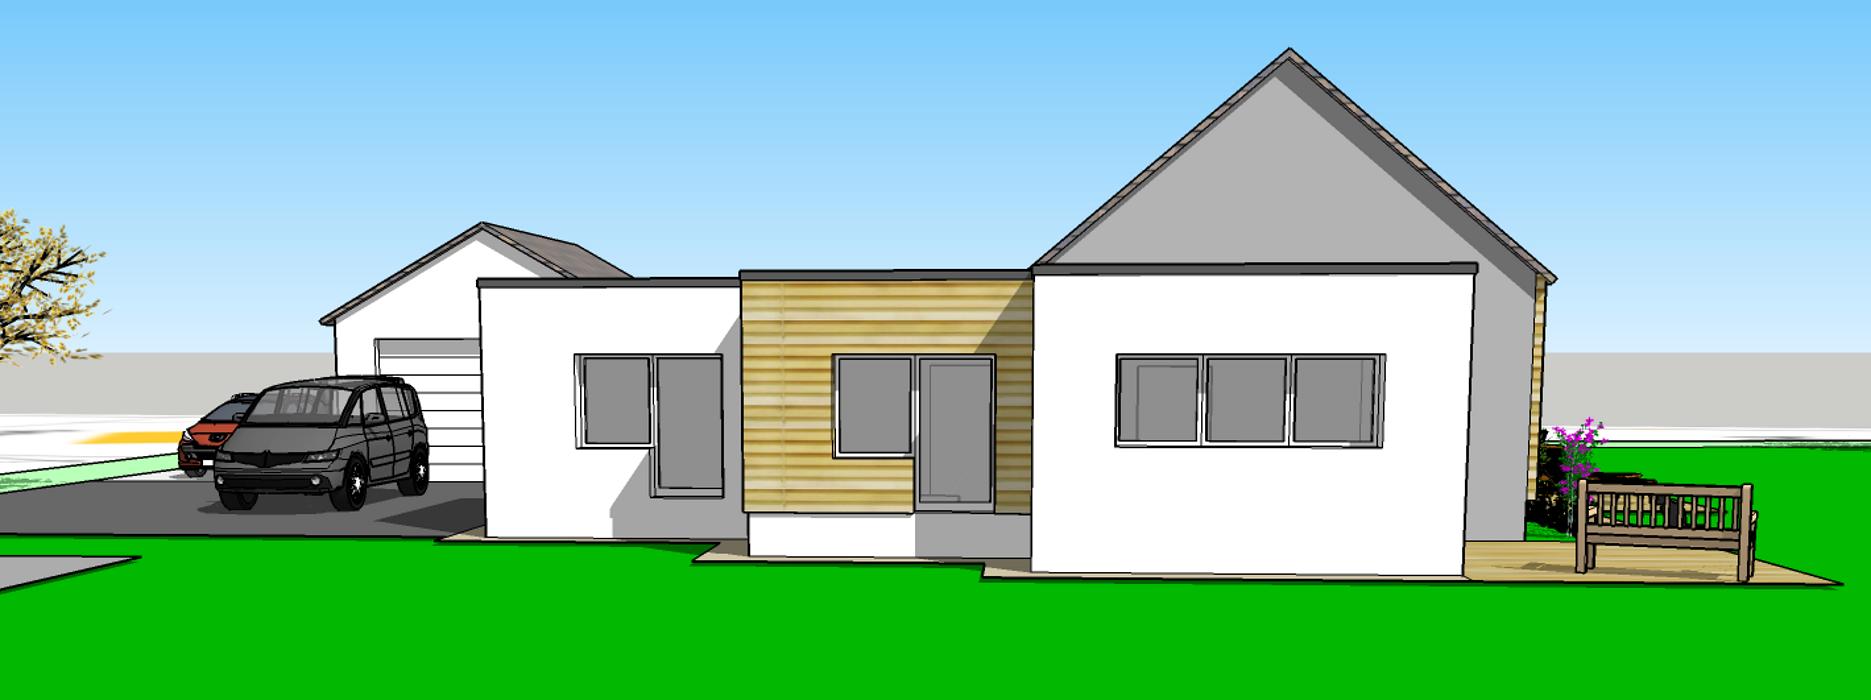 Projet : Aménager une maison avec accessibilité handicapé 13